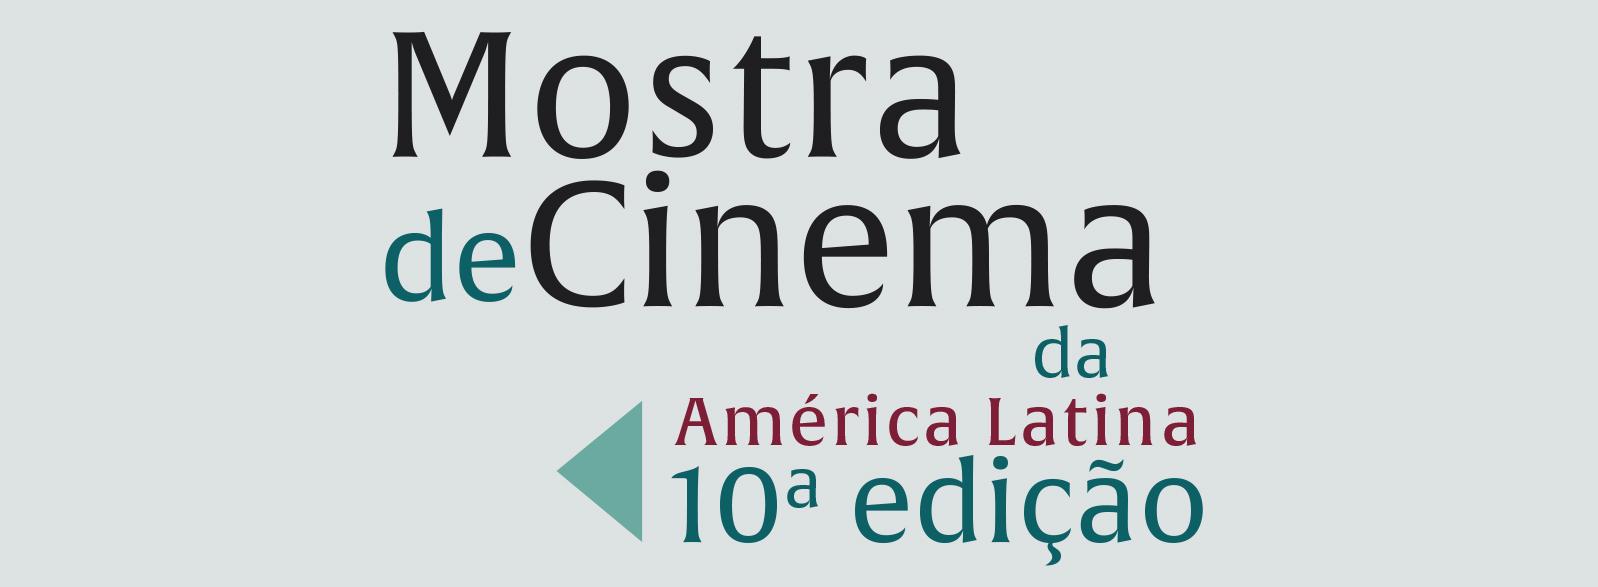 X Mostra de Cinema da América Latina